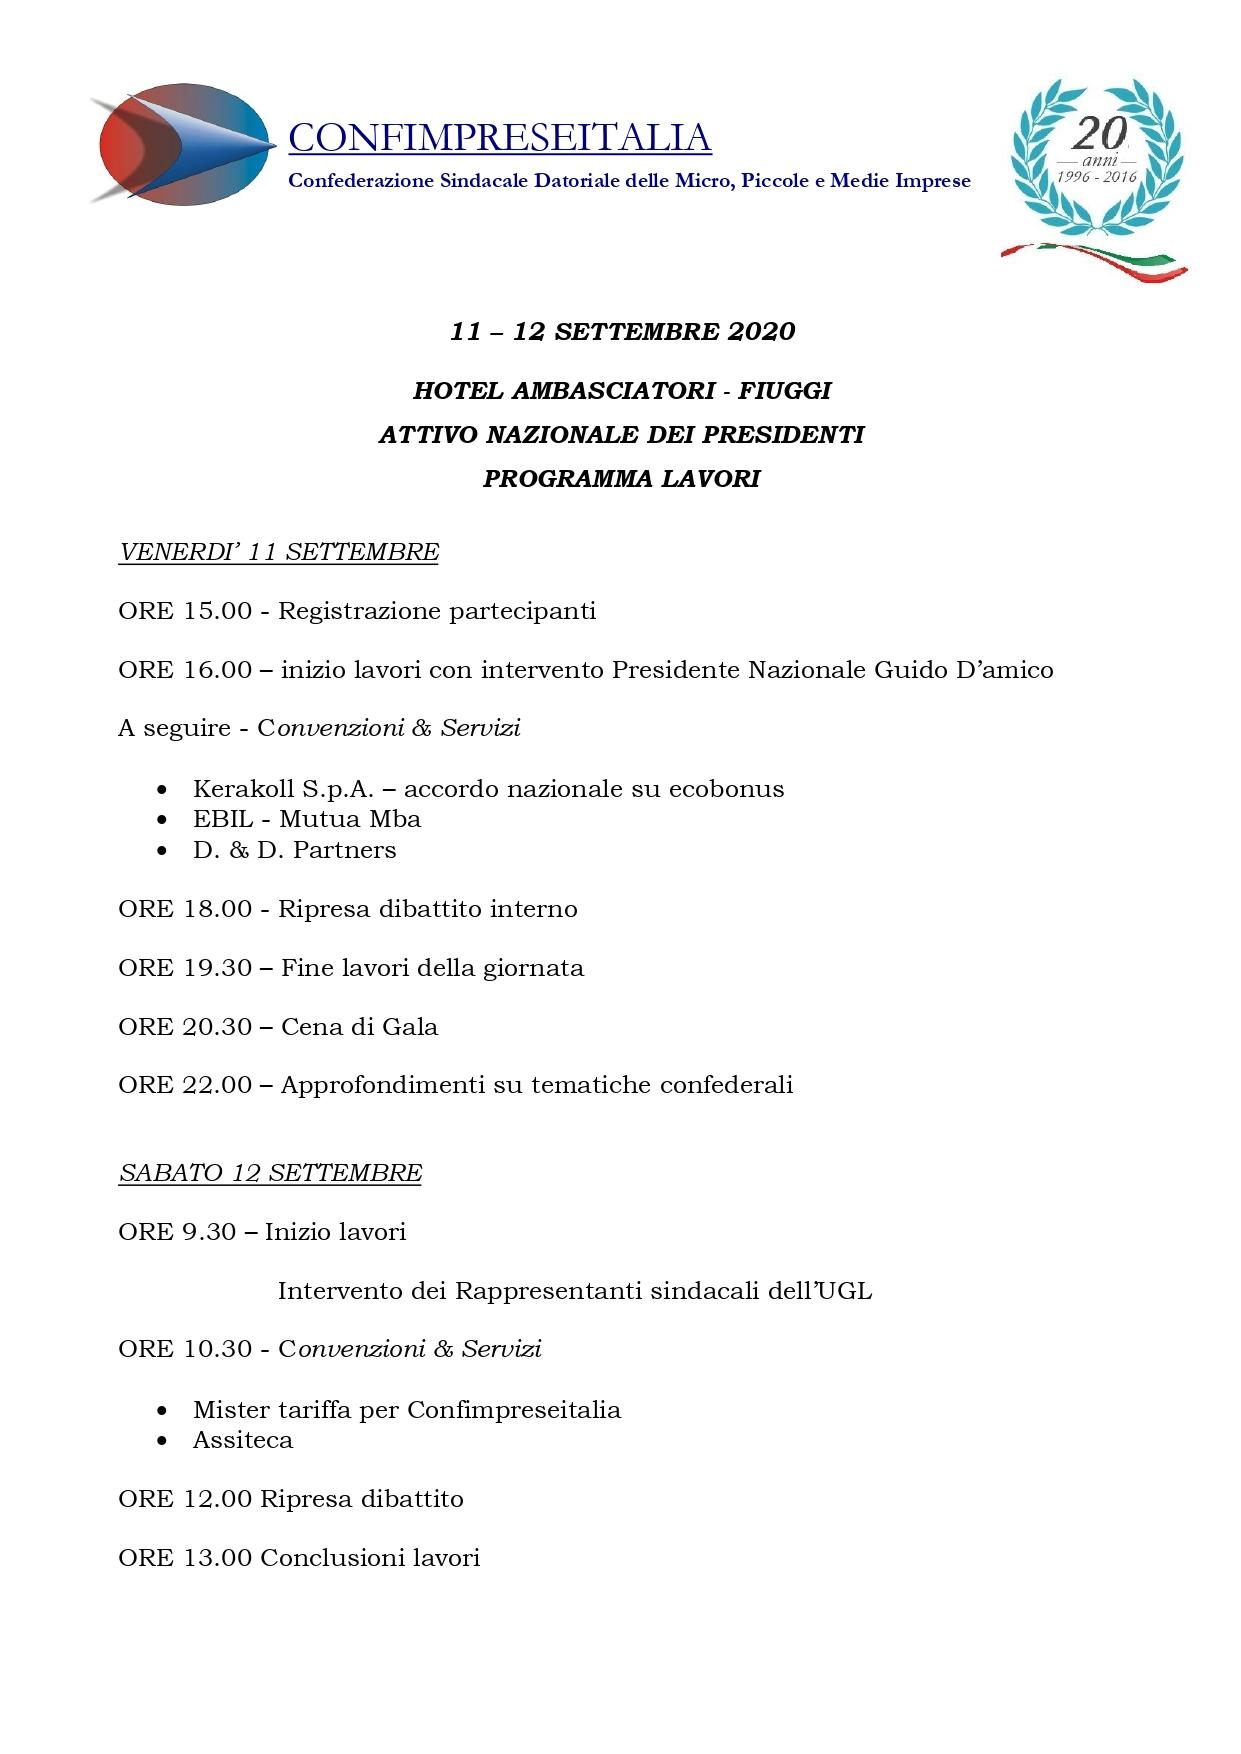 PROGRAMMA ATTIVO NAZIONALE DEI PRESIDENTI - 11- 12 SETTEMBRE 2020